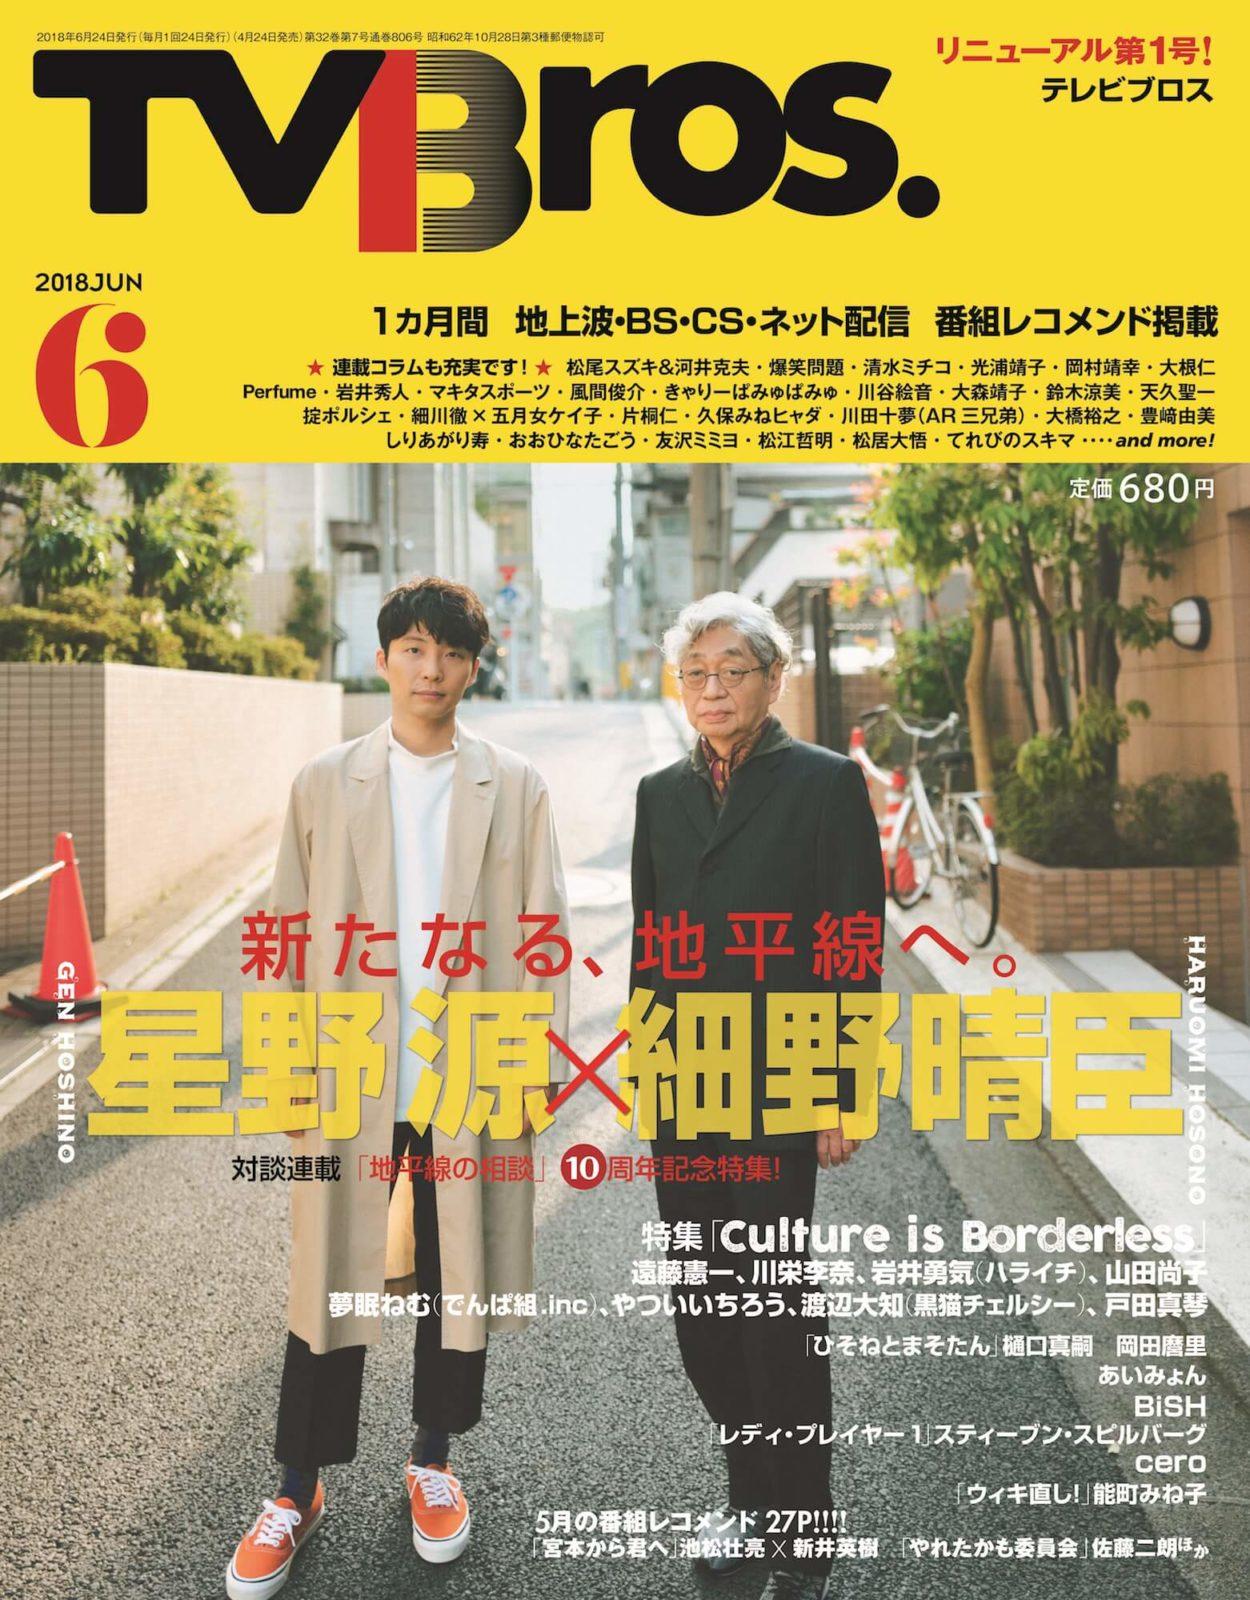 細野晴臣&星野源が「TVBros.」リニューアル第1号の表紙&巻頭に登場サムネイル画像